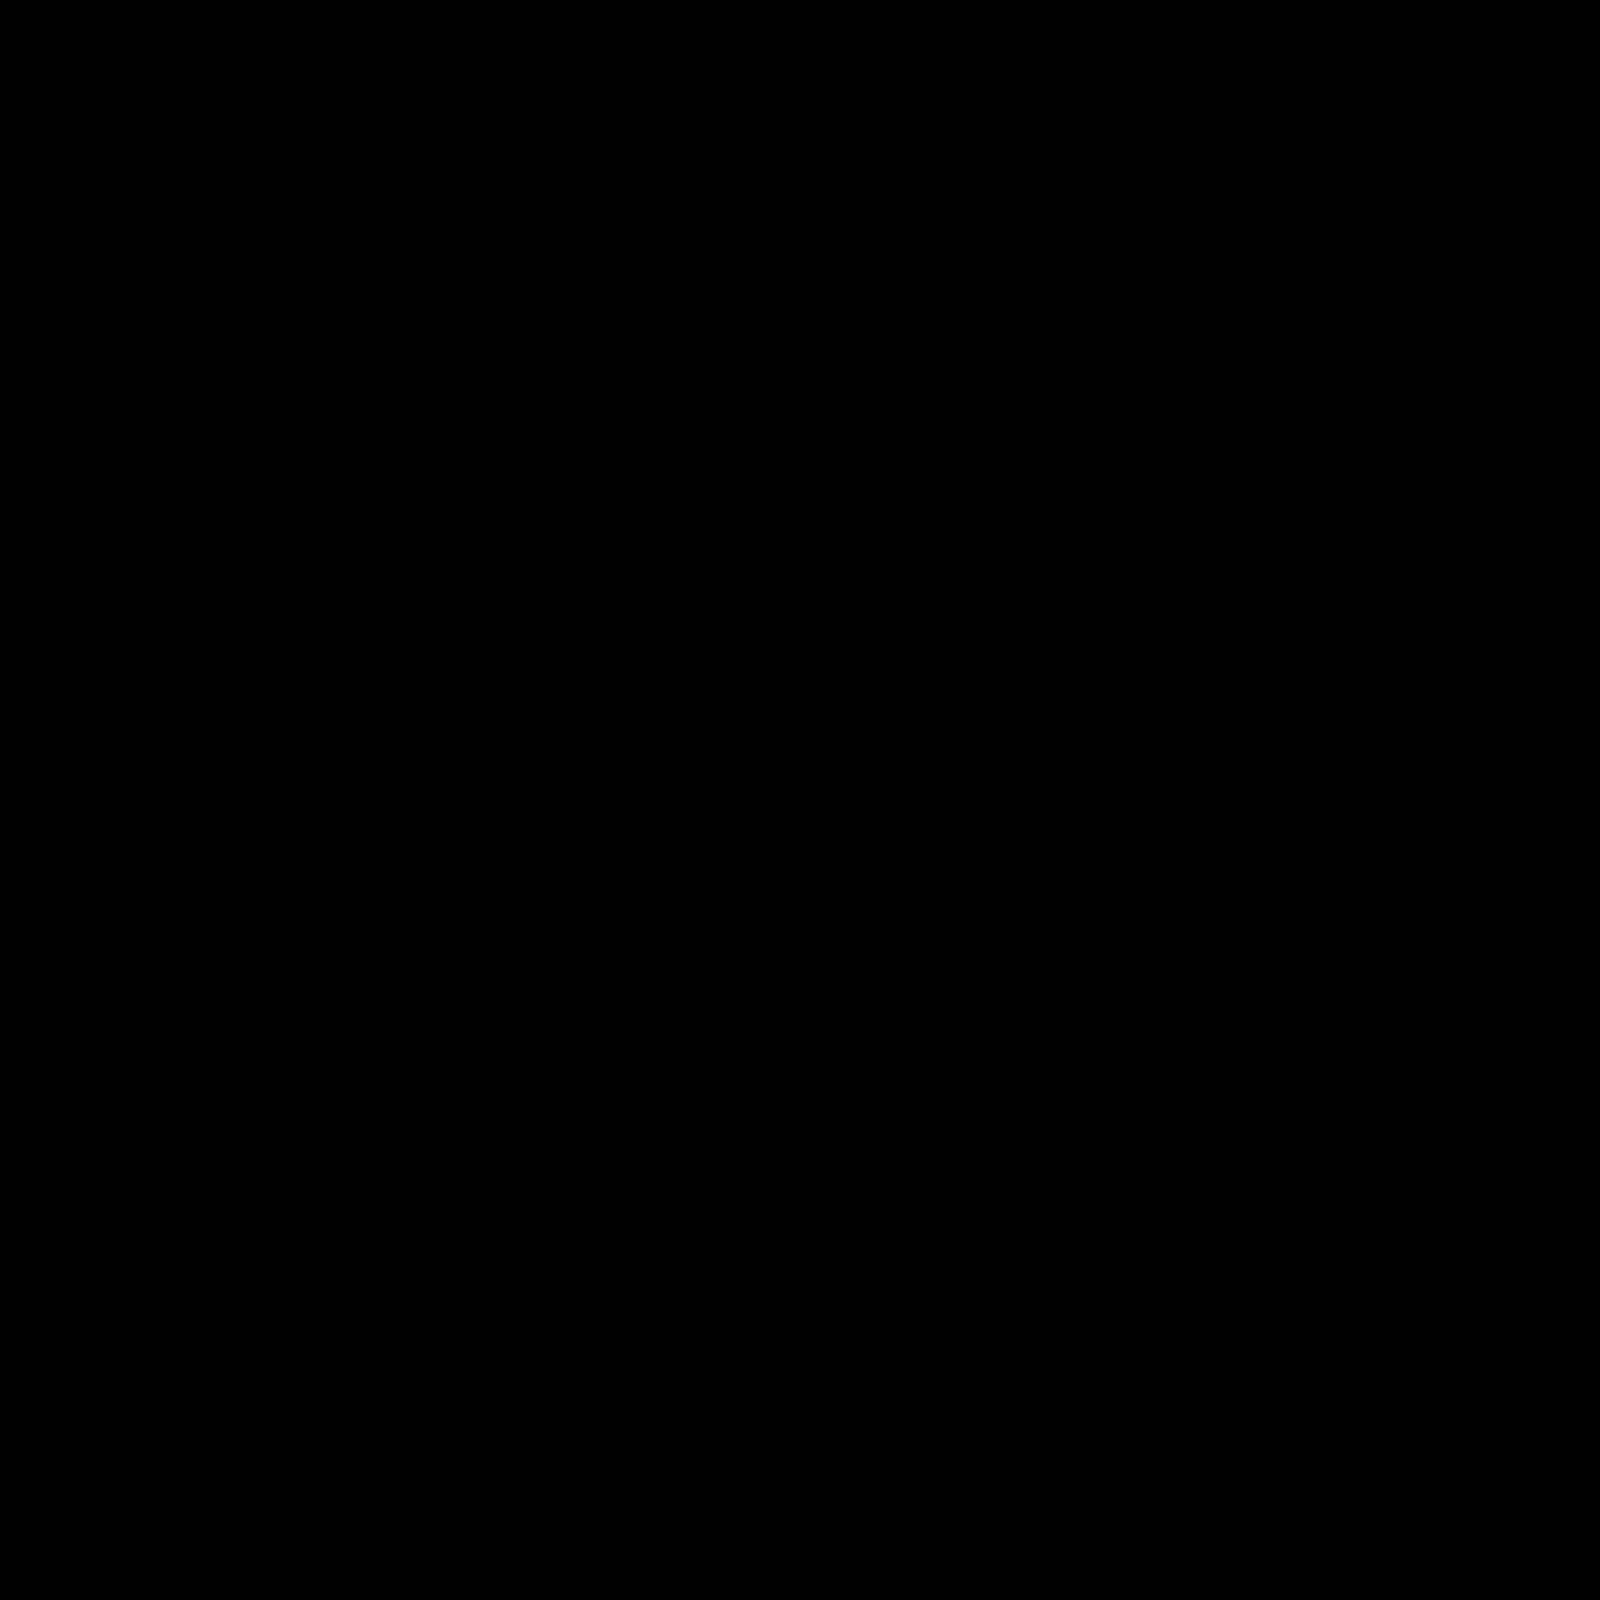 竞技场 icon. It's two columns spaced a little bit apart, creating a doorway in the middle, but connected at the top, creating a bridge-like feature connecting the two columns. There are 3 triangular flags at the top, which are spaced evenly along the top and look as if there is wind blowing on them, all facing to the right. In each of these two column like features, or on each side of the bridge there are 4 colored in squares, which remind me of waffles. They are evenly spaced with two on the top and two on the bottom of each column.